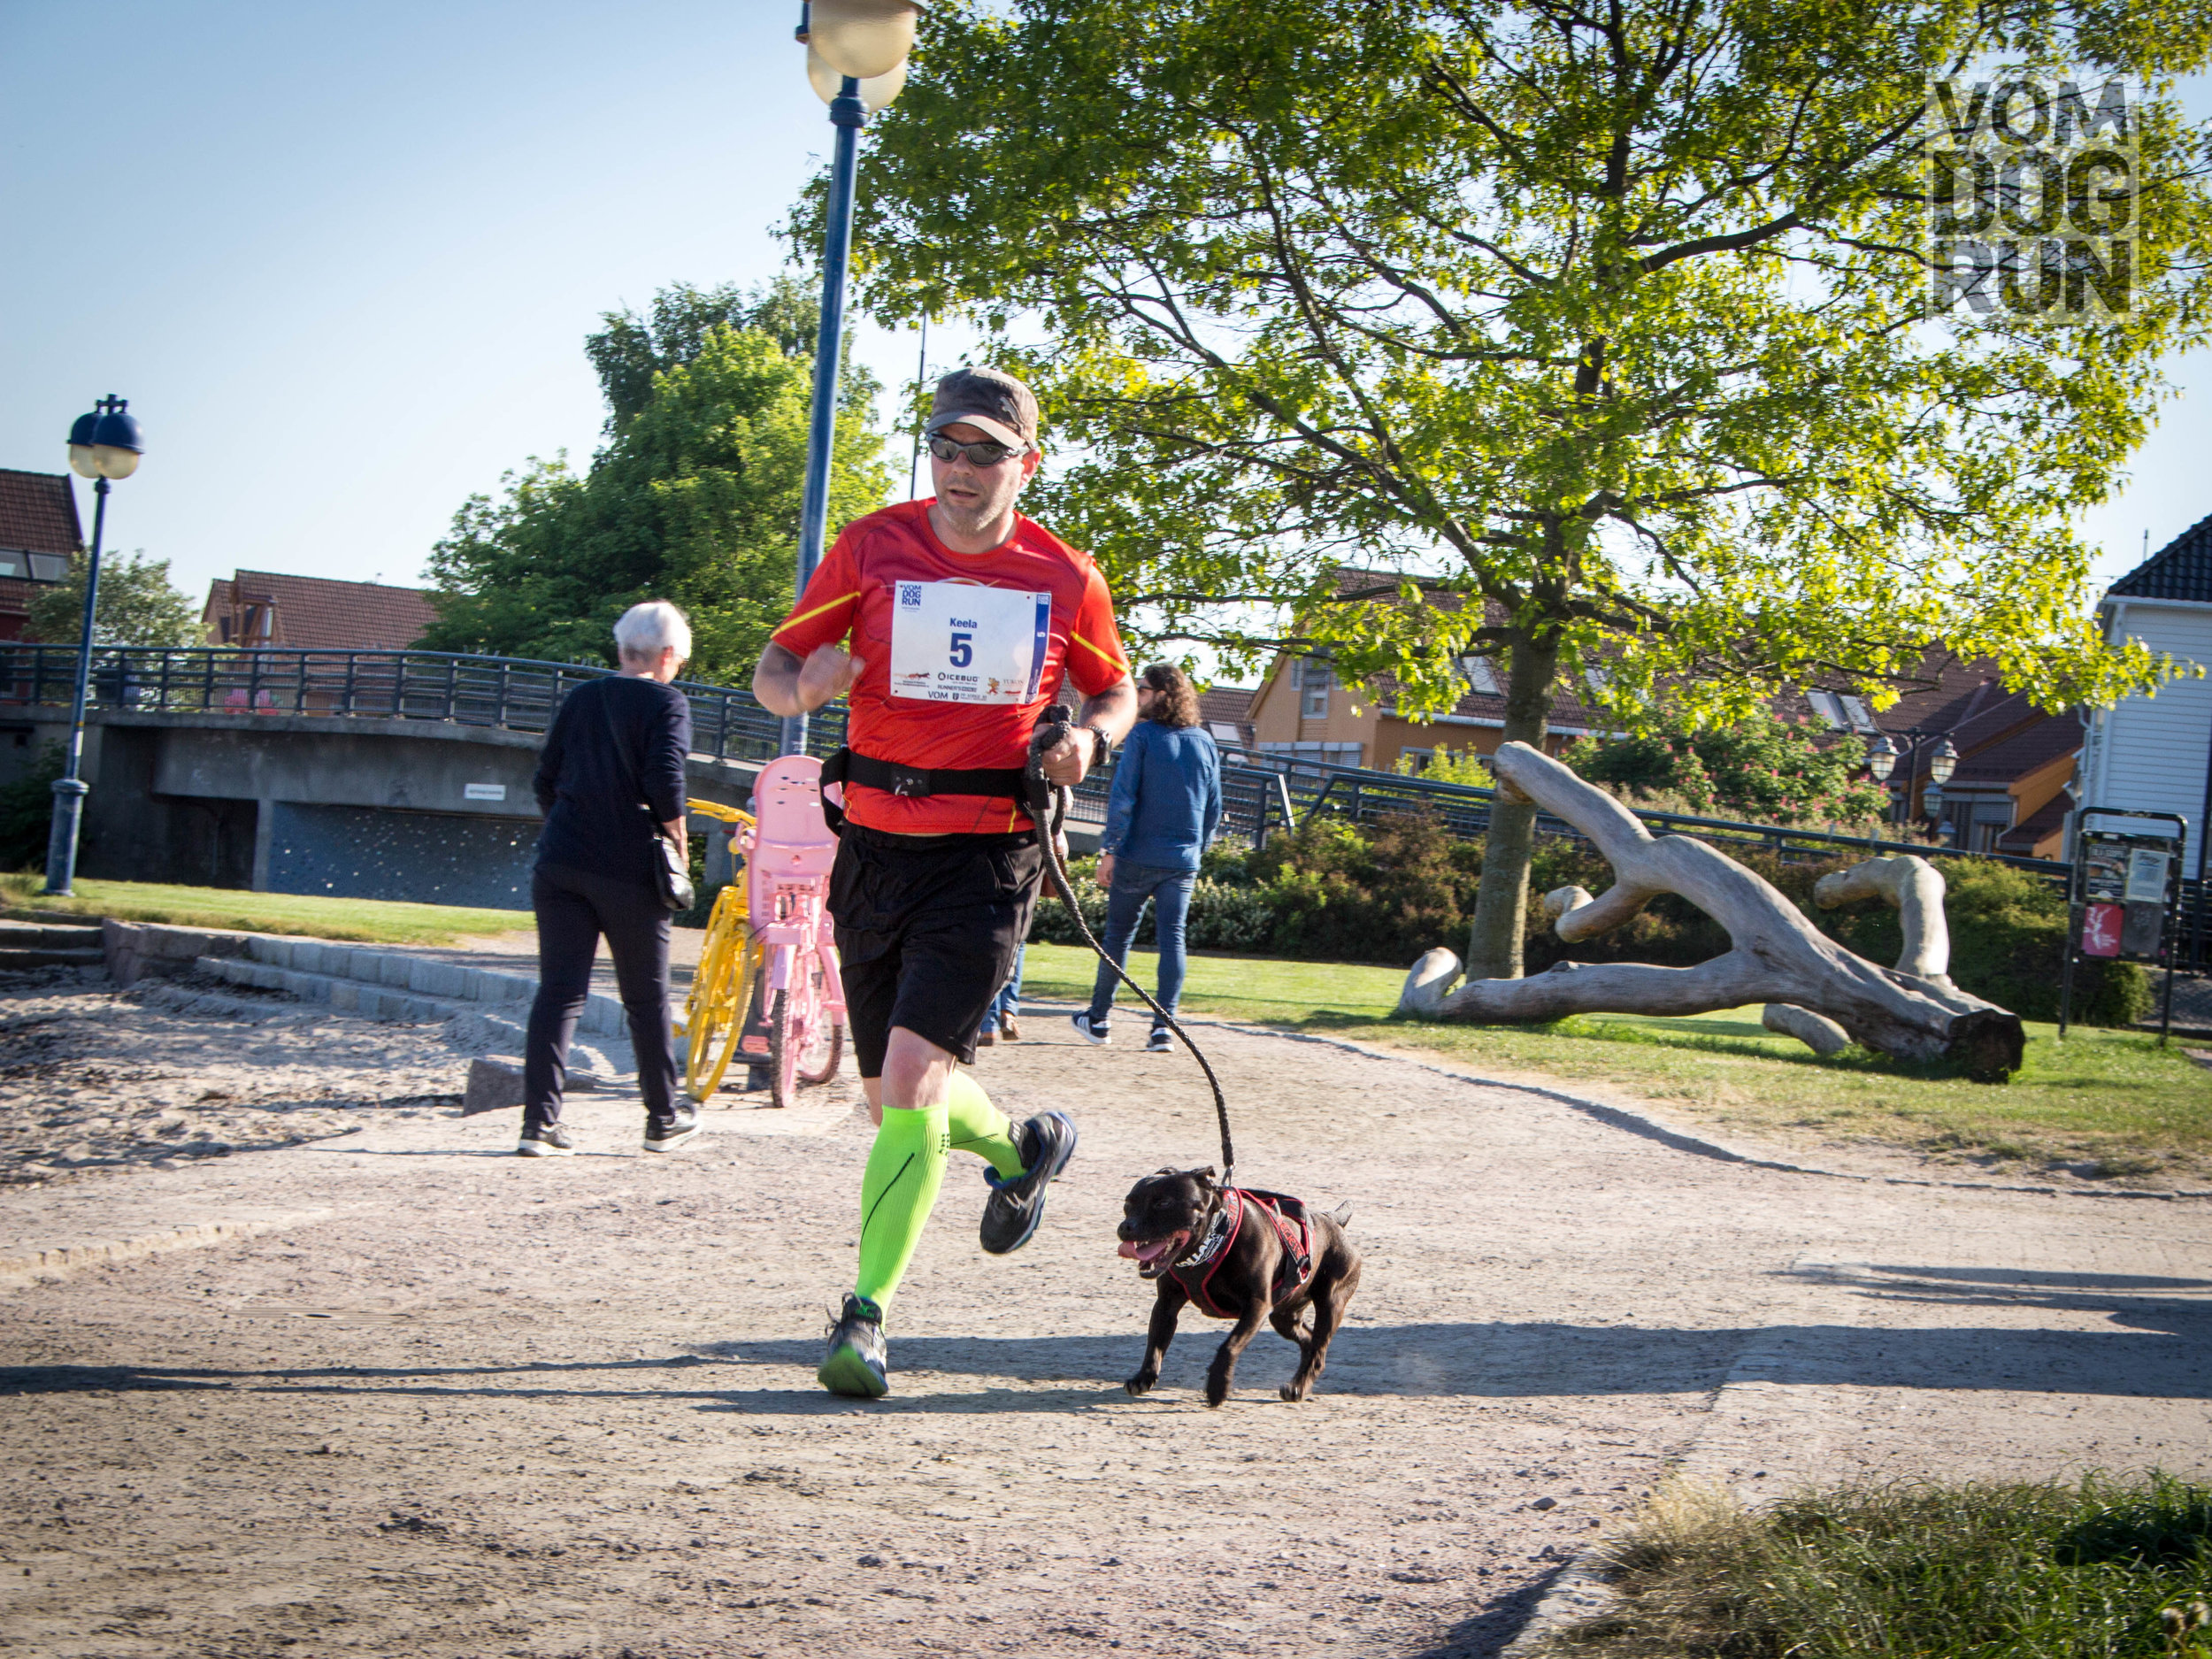 VOM Dog Run SoMe-53.jpg